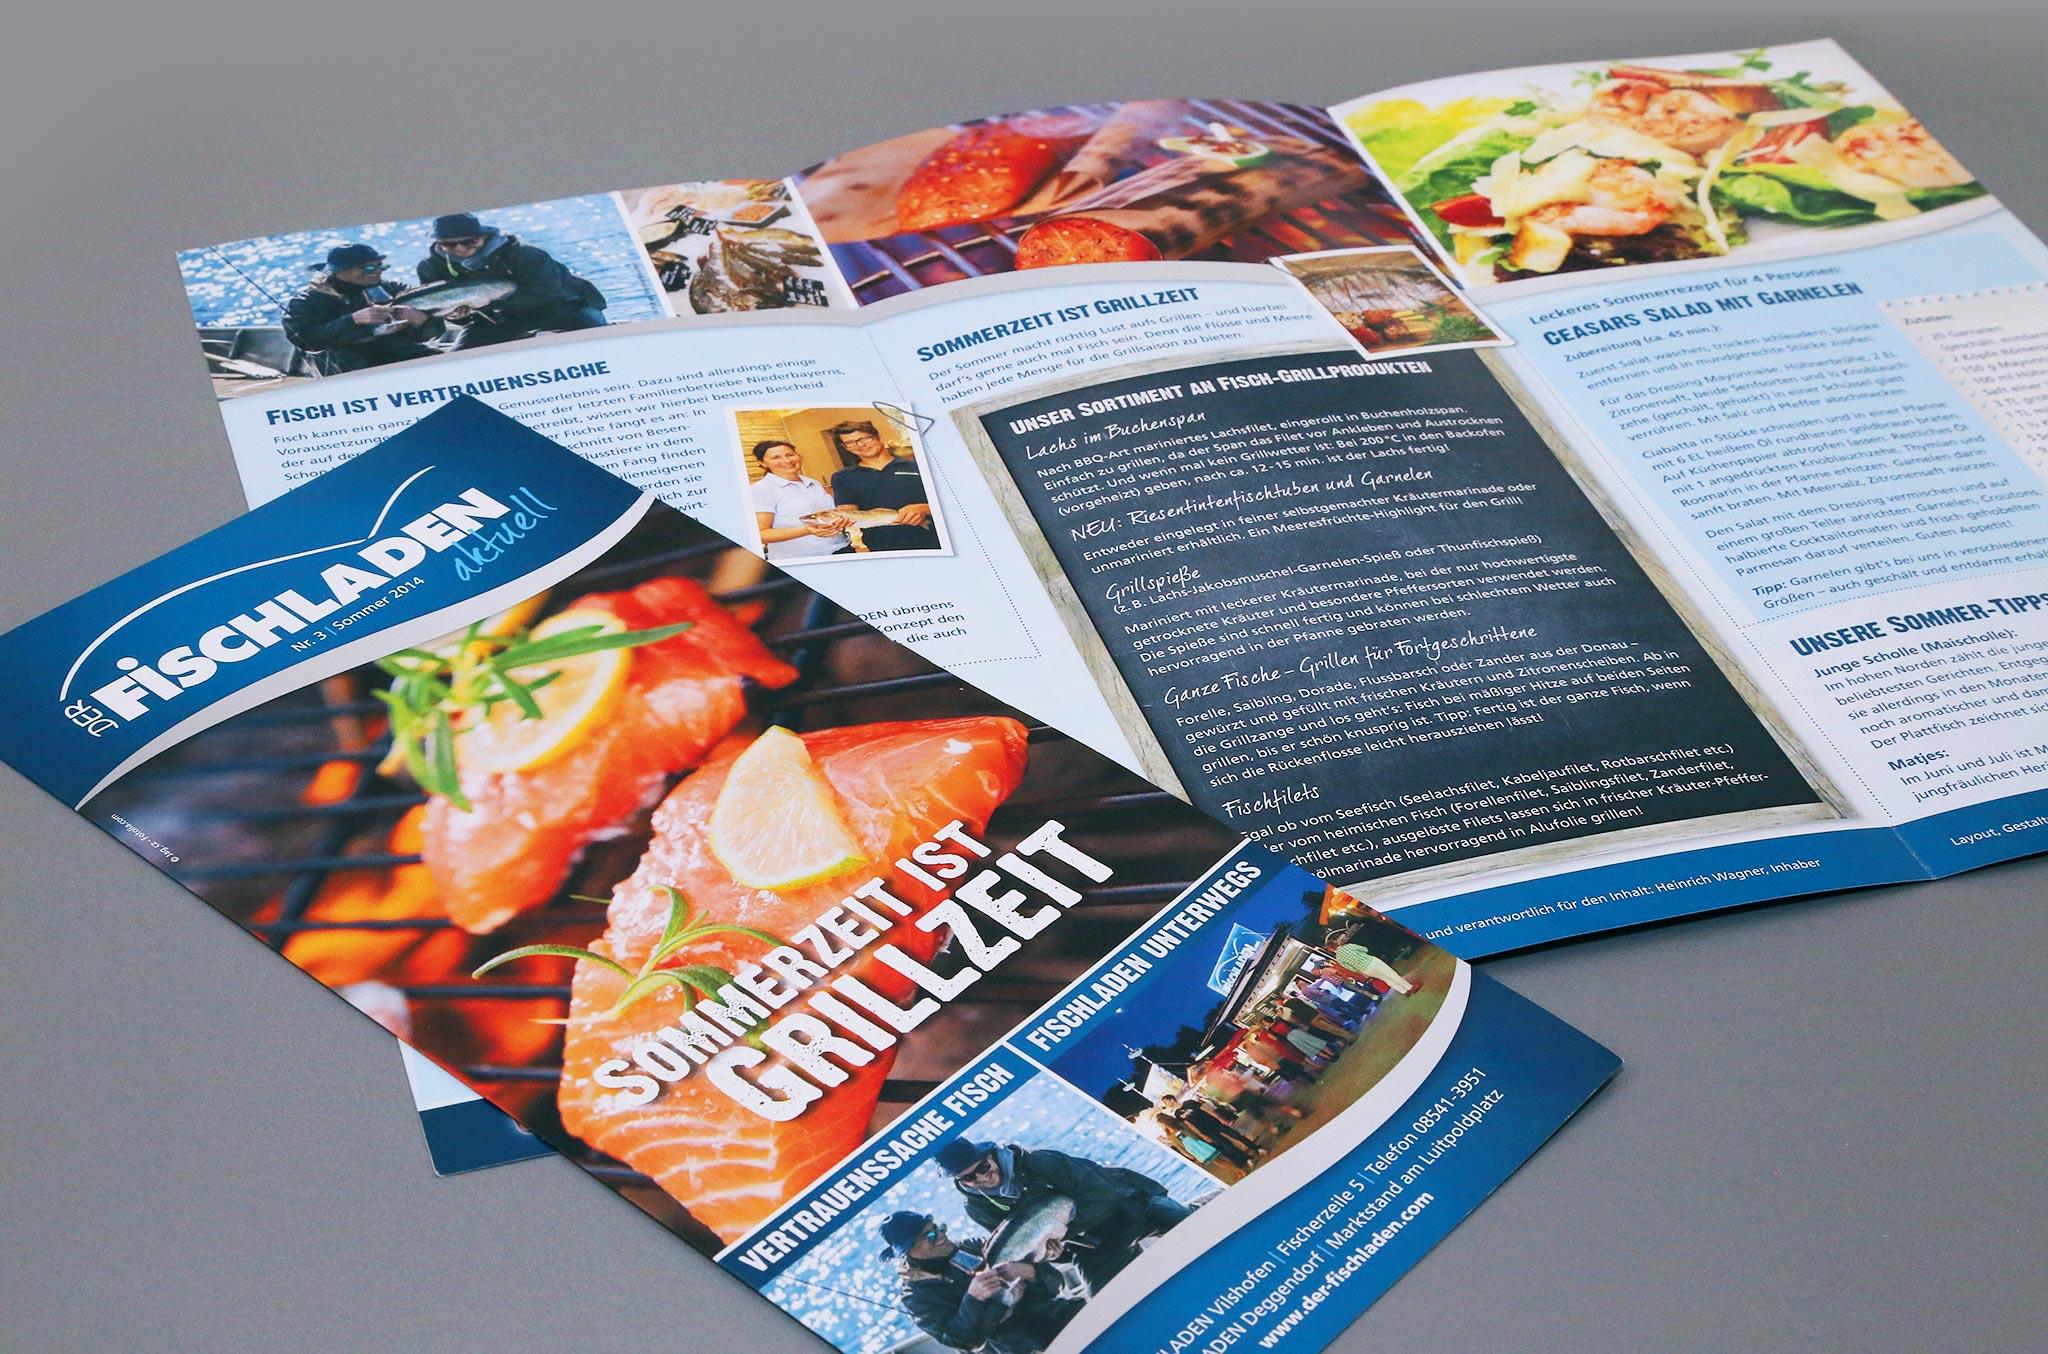 Kundenzeitung Der Fischladen aktuell | Agentur Ritter